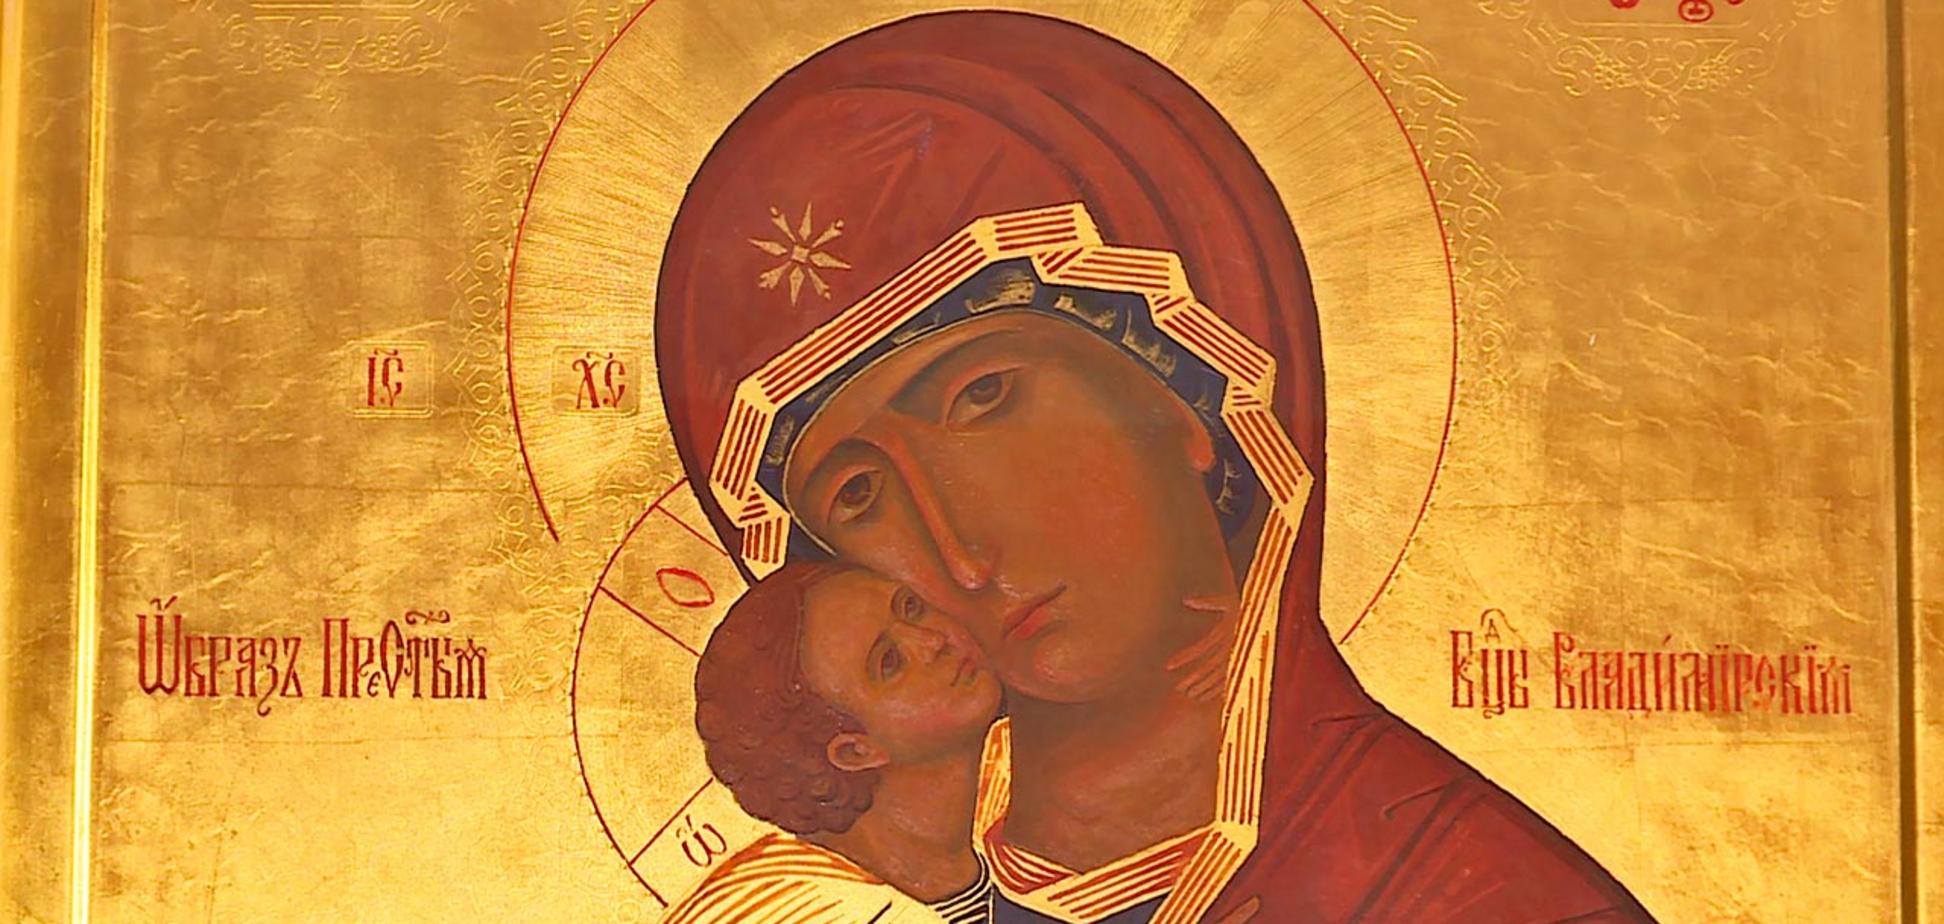 Сретение Владимирской (Вышгородской) иконы Божьей матери